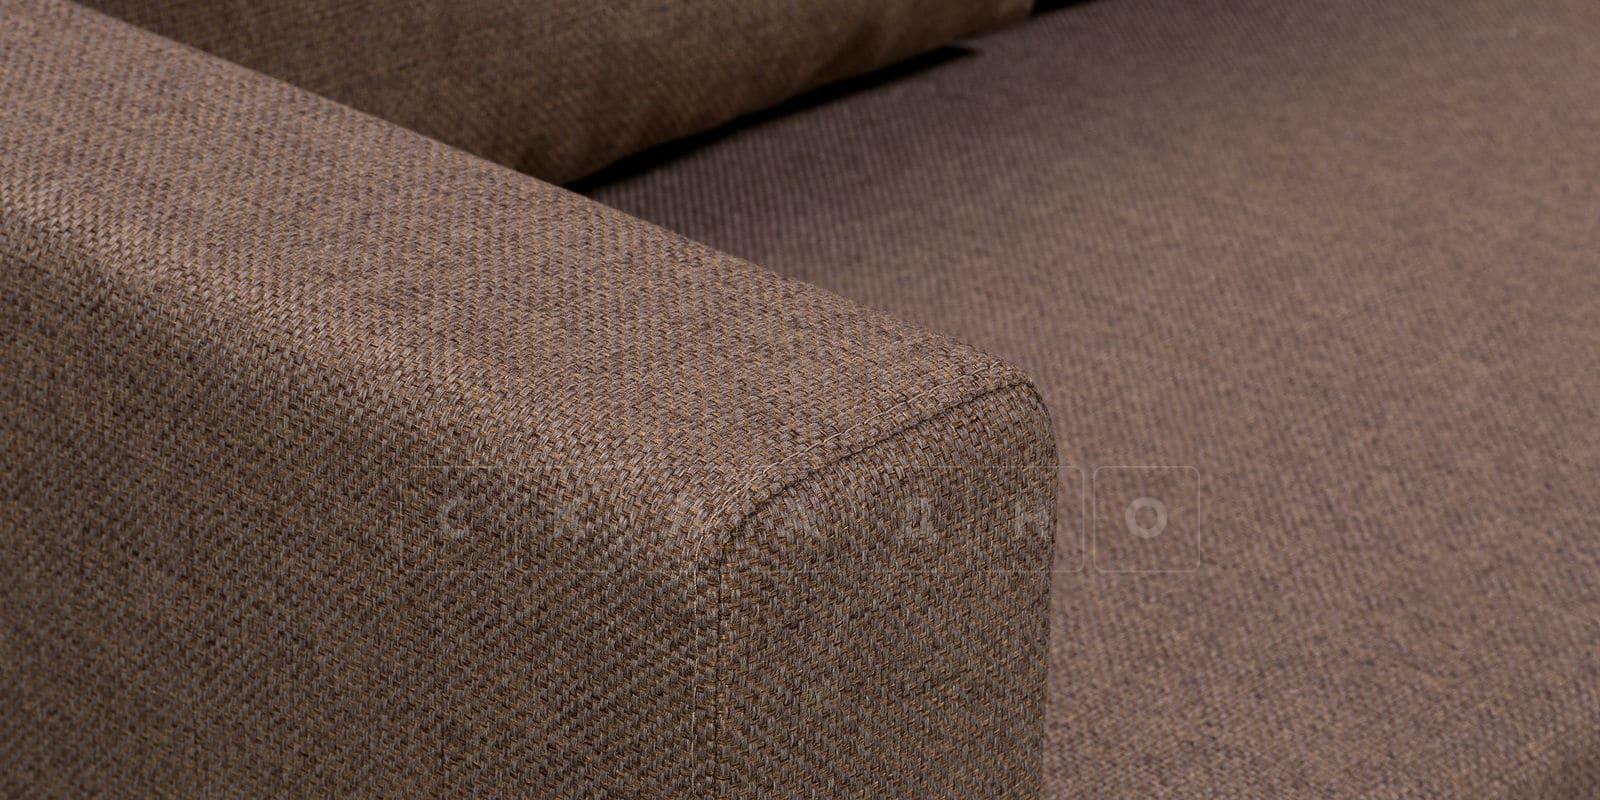 Угловой диван Турин коричневый фото 7 | интернет-магазин Складно